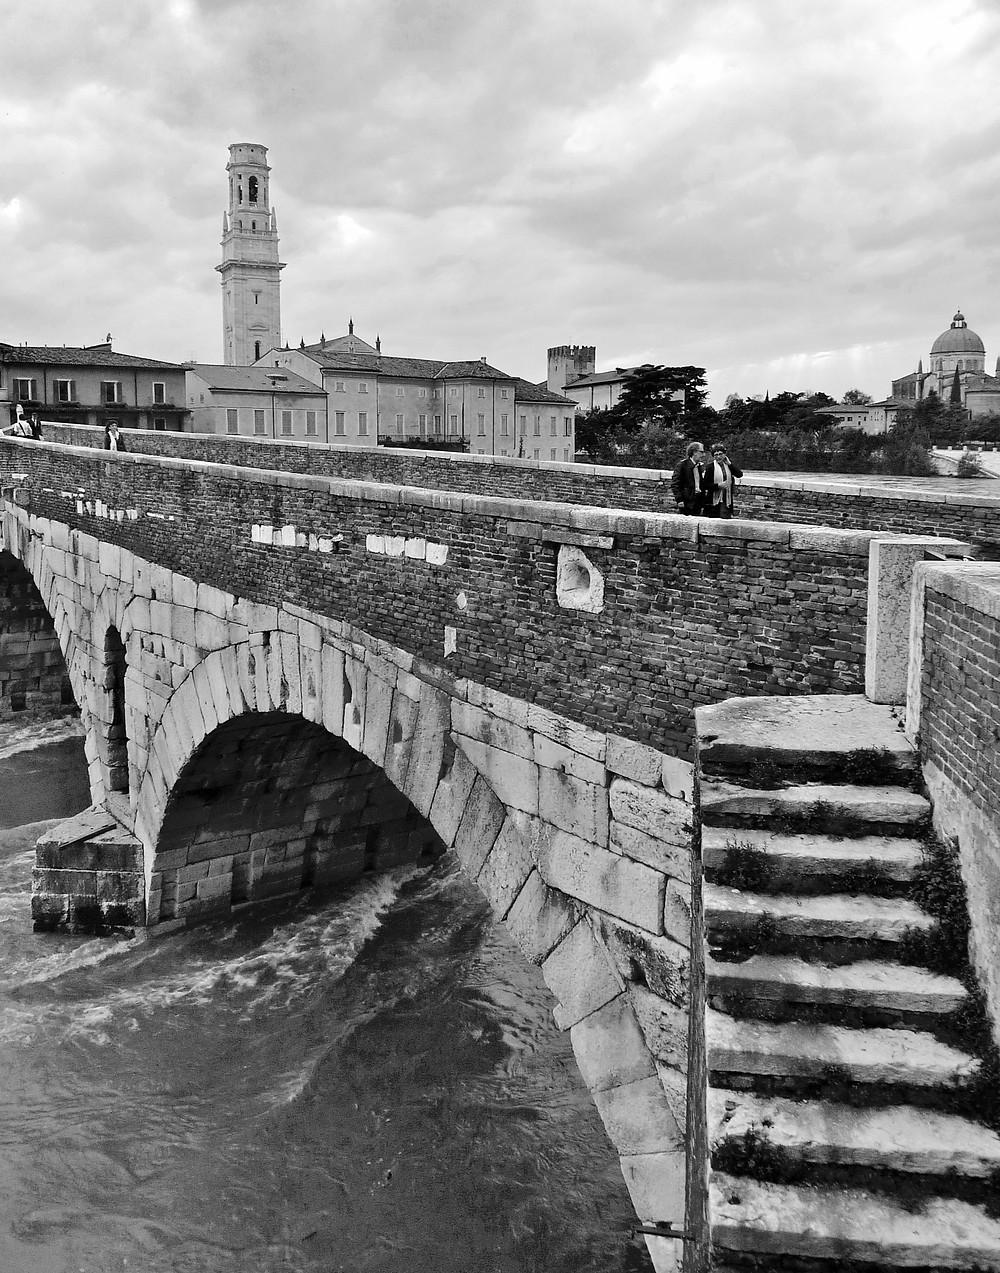 Bridge of the Adige